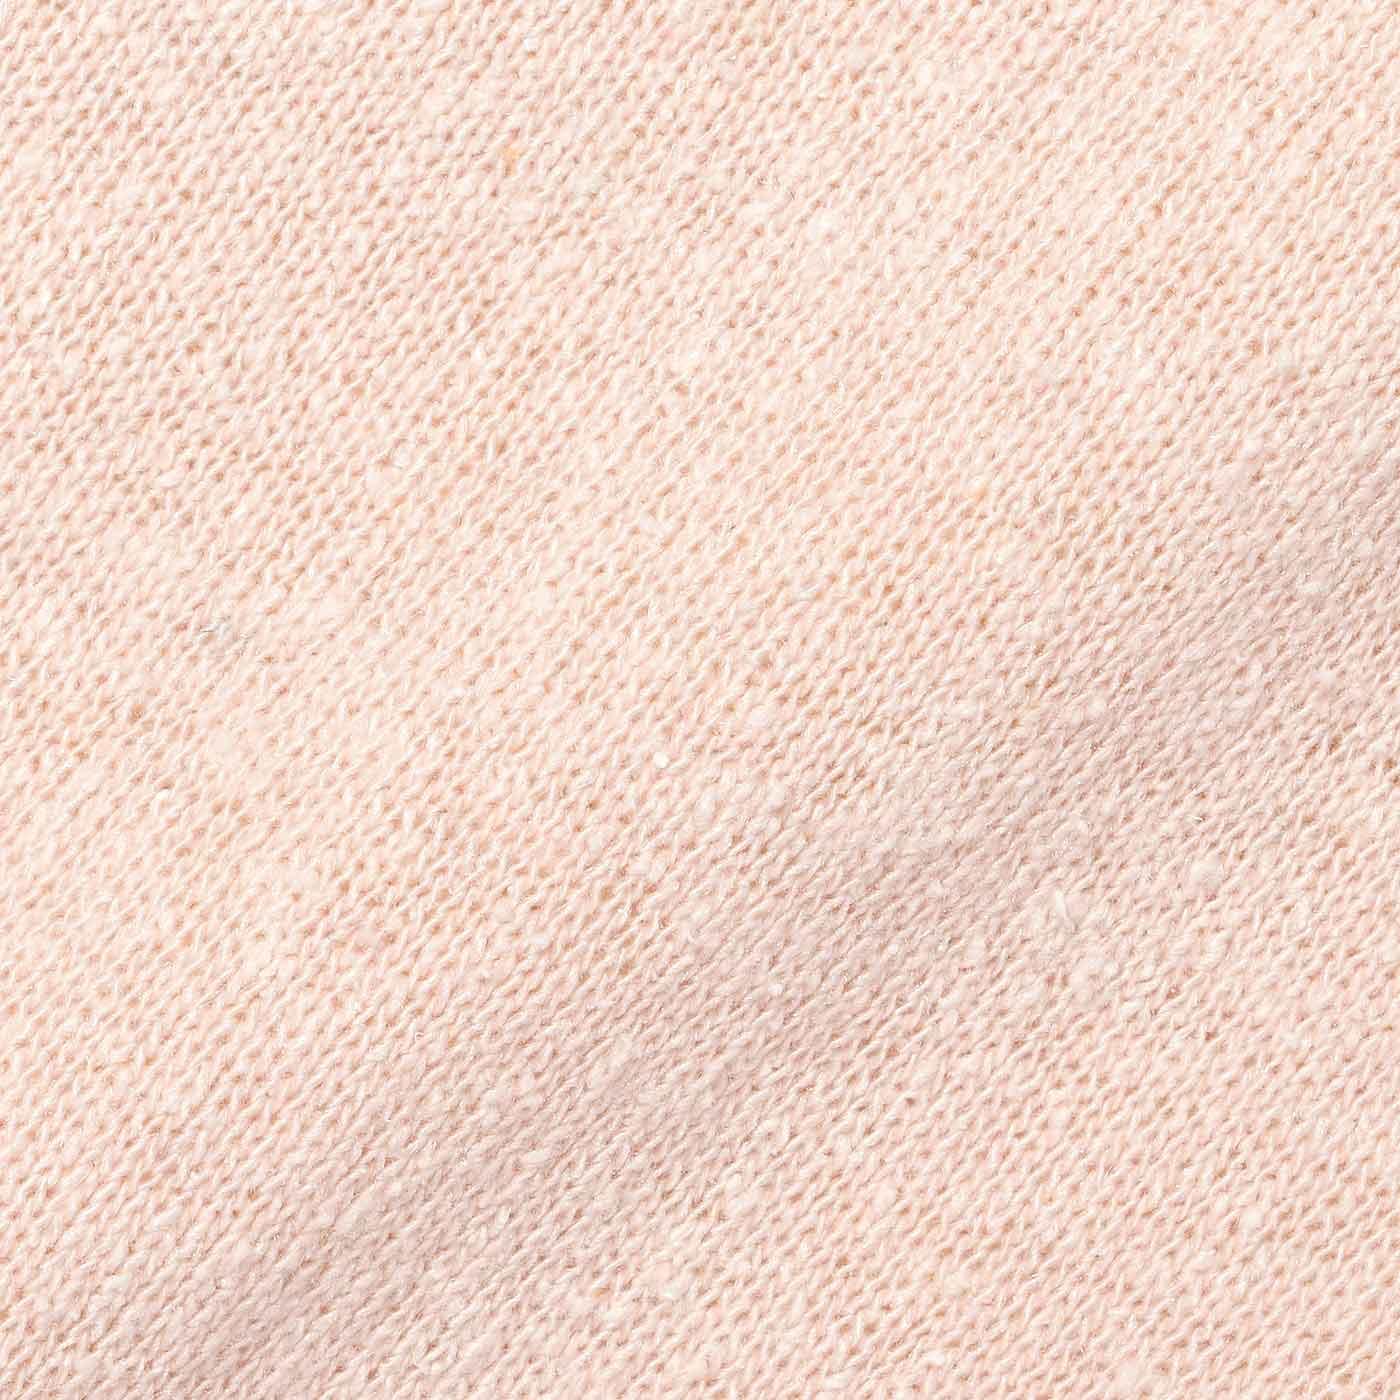 身生地はシルク100%&縫製の糸にも綿を使用したやさしい着心地。